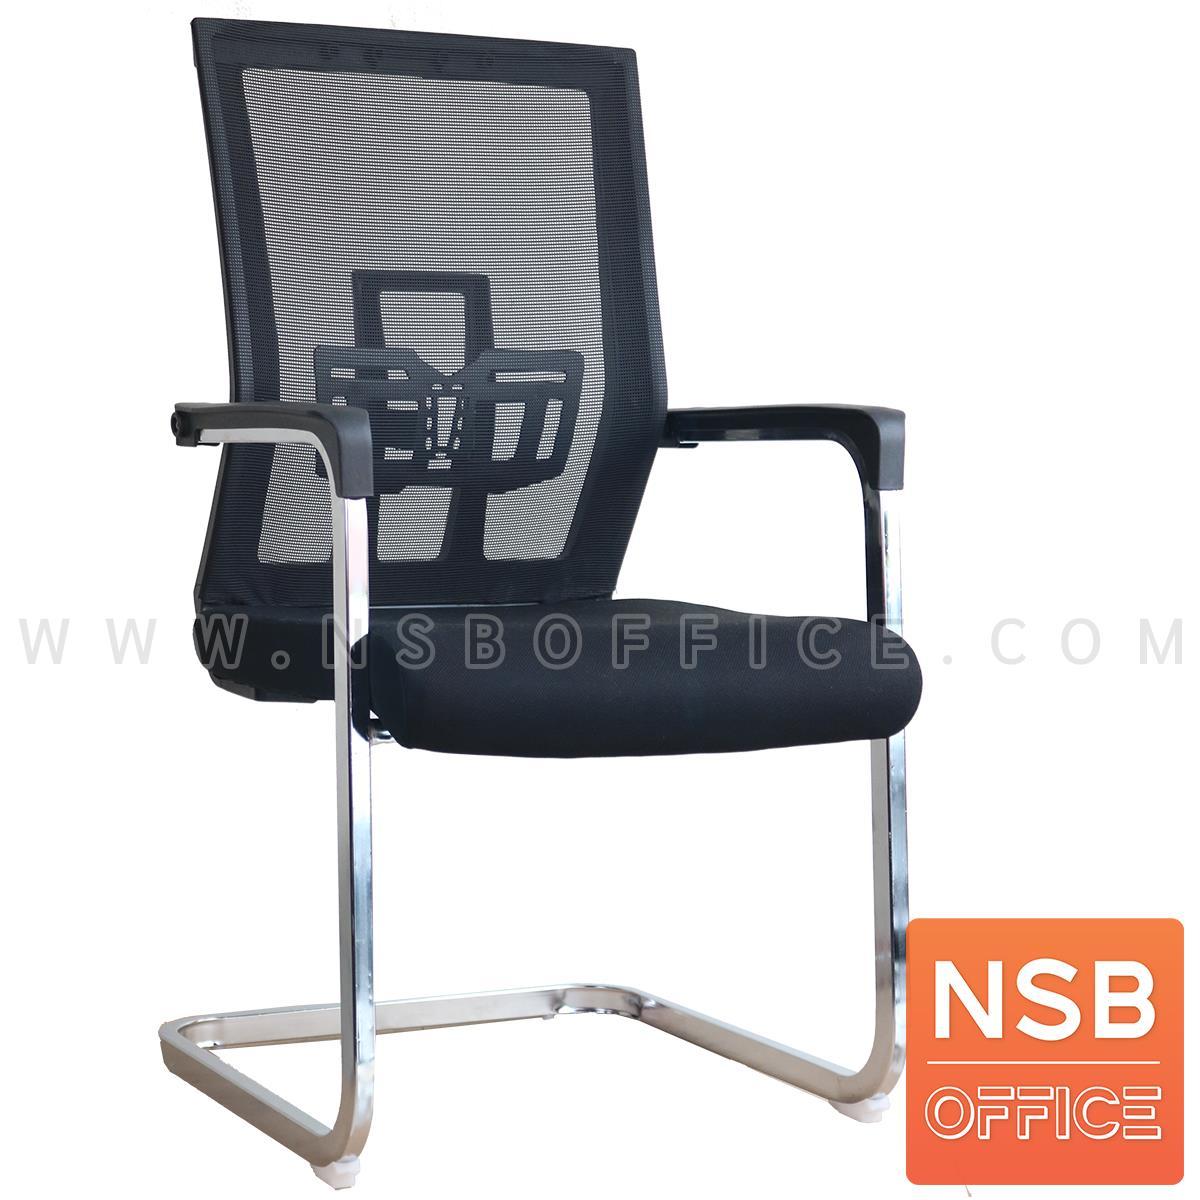 B04A205:เก้าอี้รับแขกหลังเน็ต รุ่น Beko (บีโก้)  ขาเหล็กชุบโครเมี่ยม